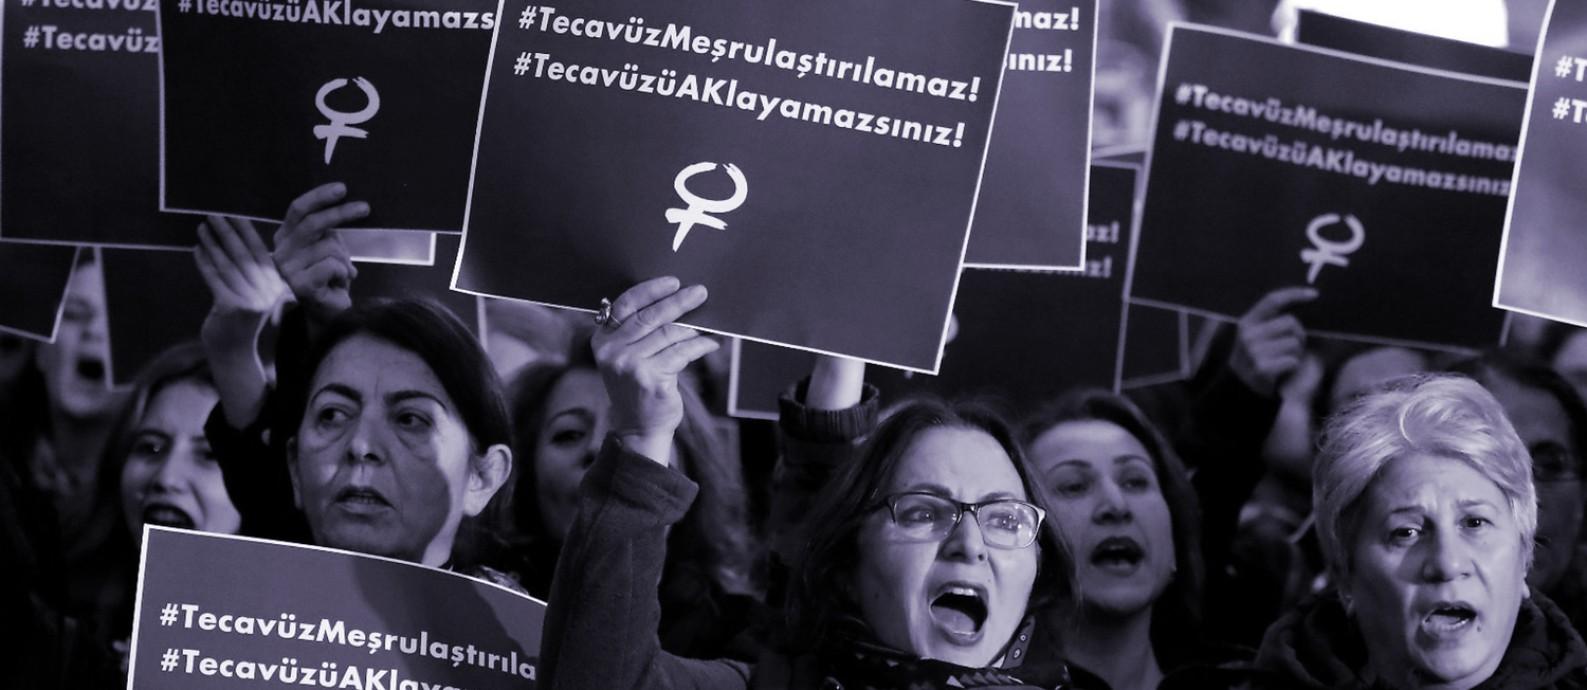 'O estupro não pode ser legalizado': o grito das mulheres da Turquia contra projeto de lei que propõe anistiar homem que esturprar menor e depois se casar com ela Foto: Reprodução/Independent